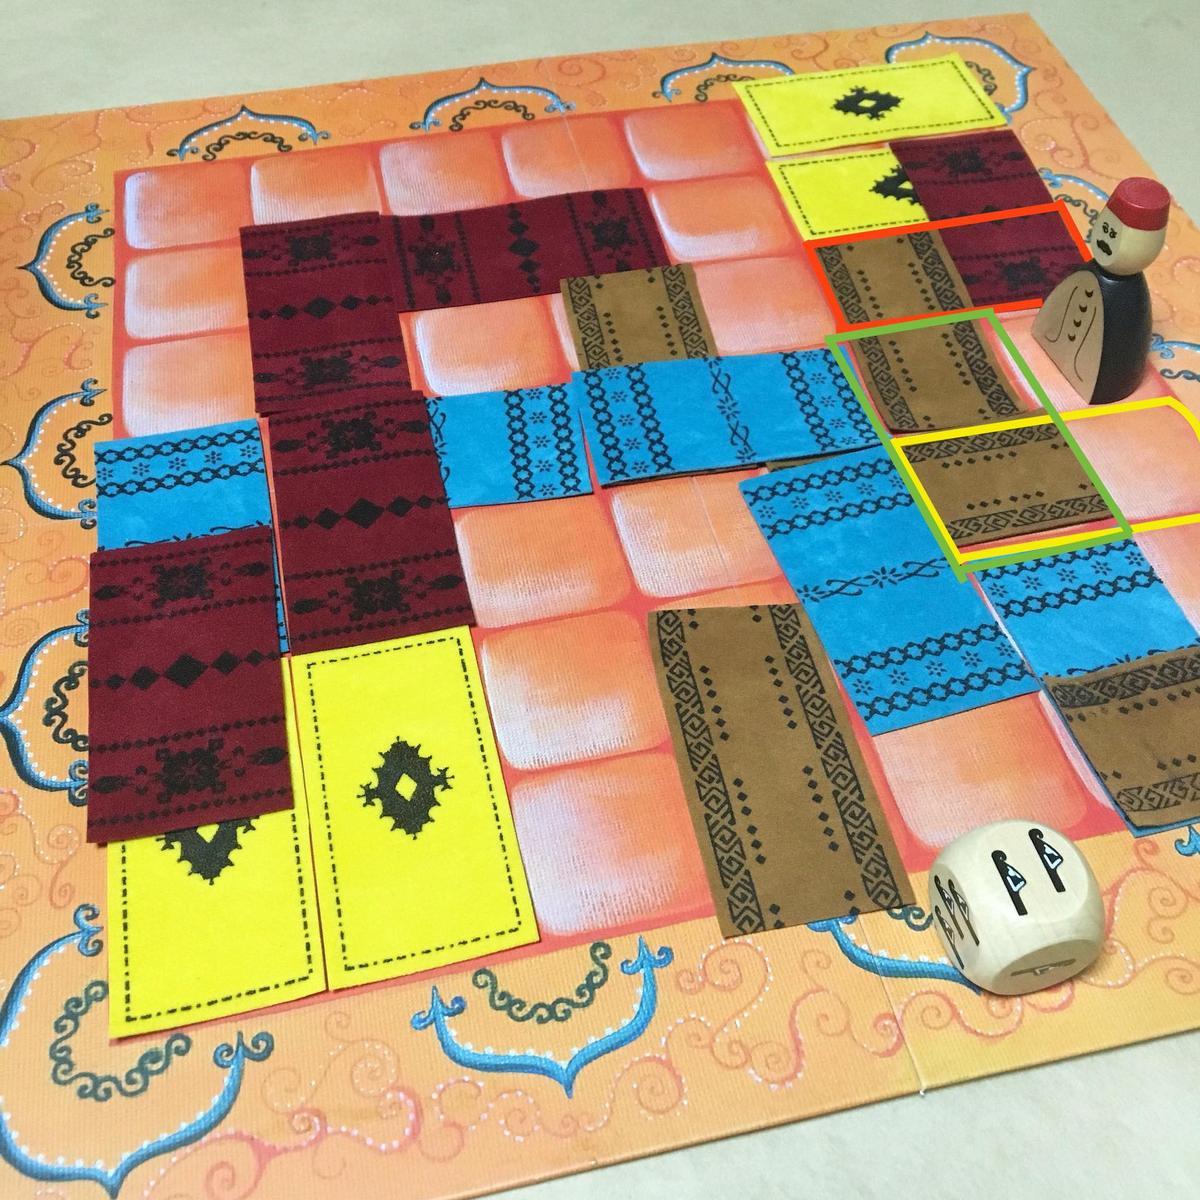 紅、綠、黃三種框線,都是可放置地毯的方式。只要不是完整覆蓋同一塊地毯即可。